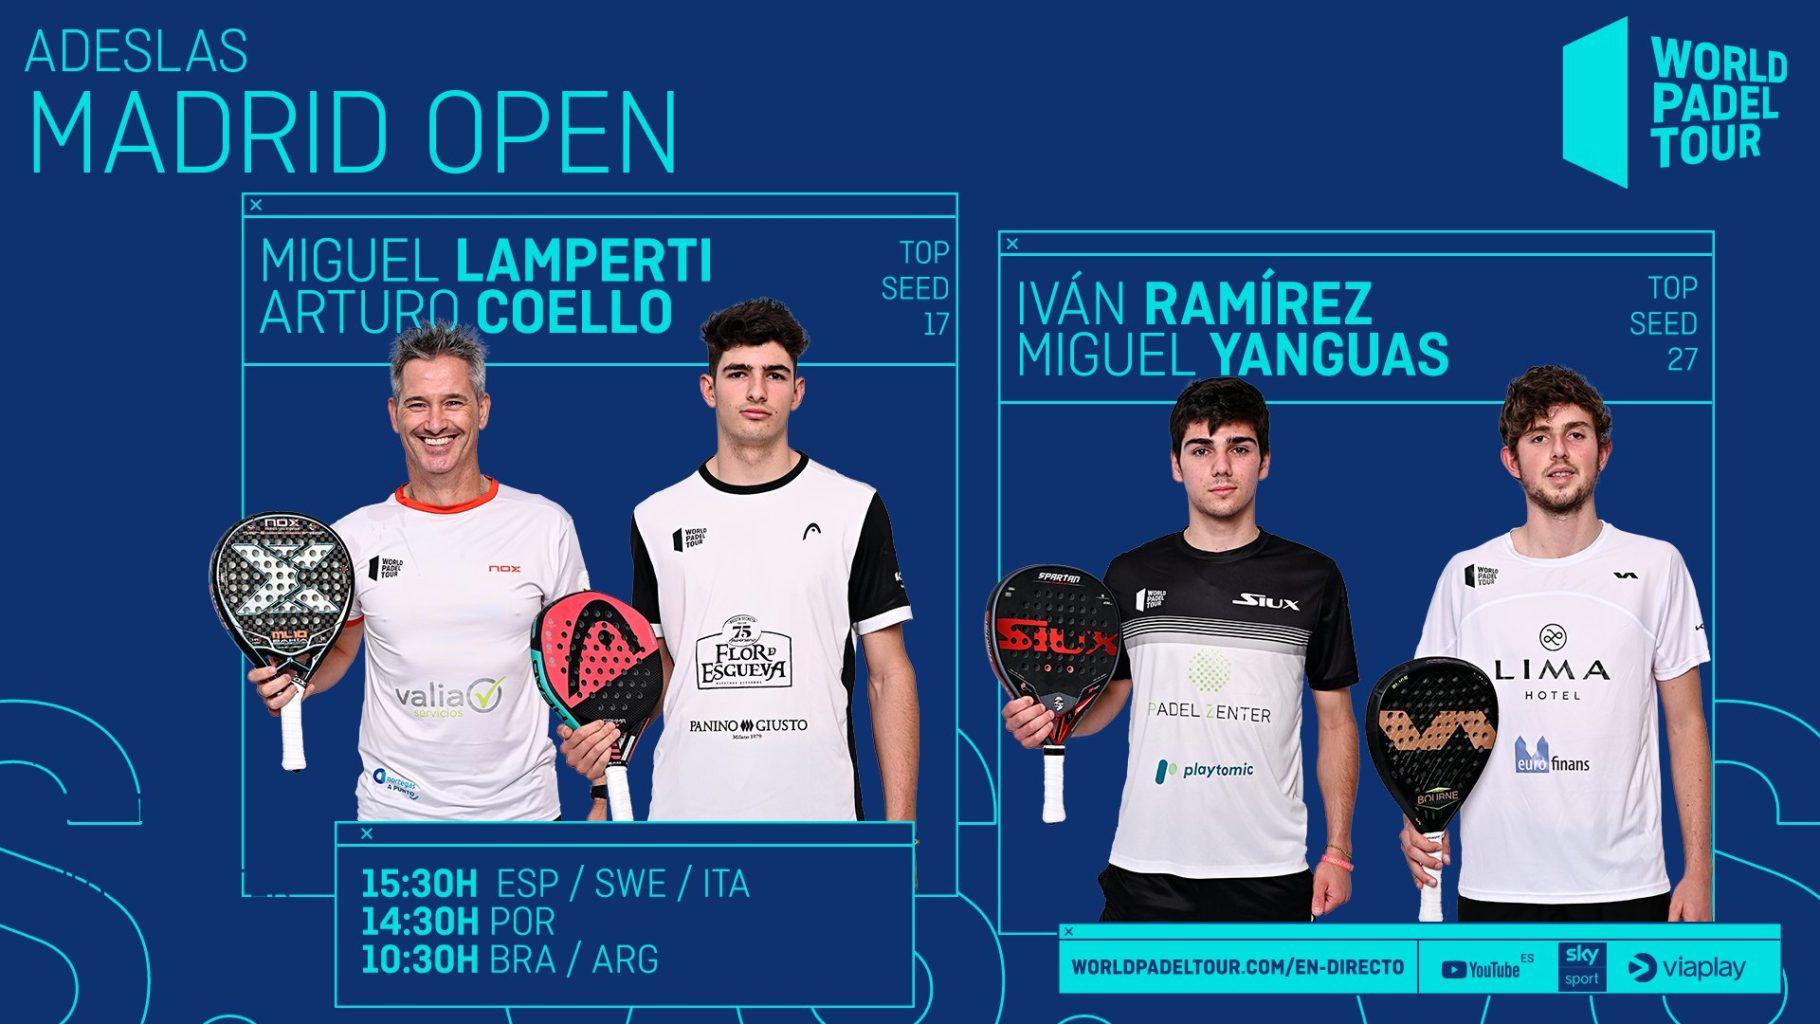 En directo los cuartos de final masculinos del Adeslas Madrid Open 2021